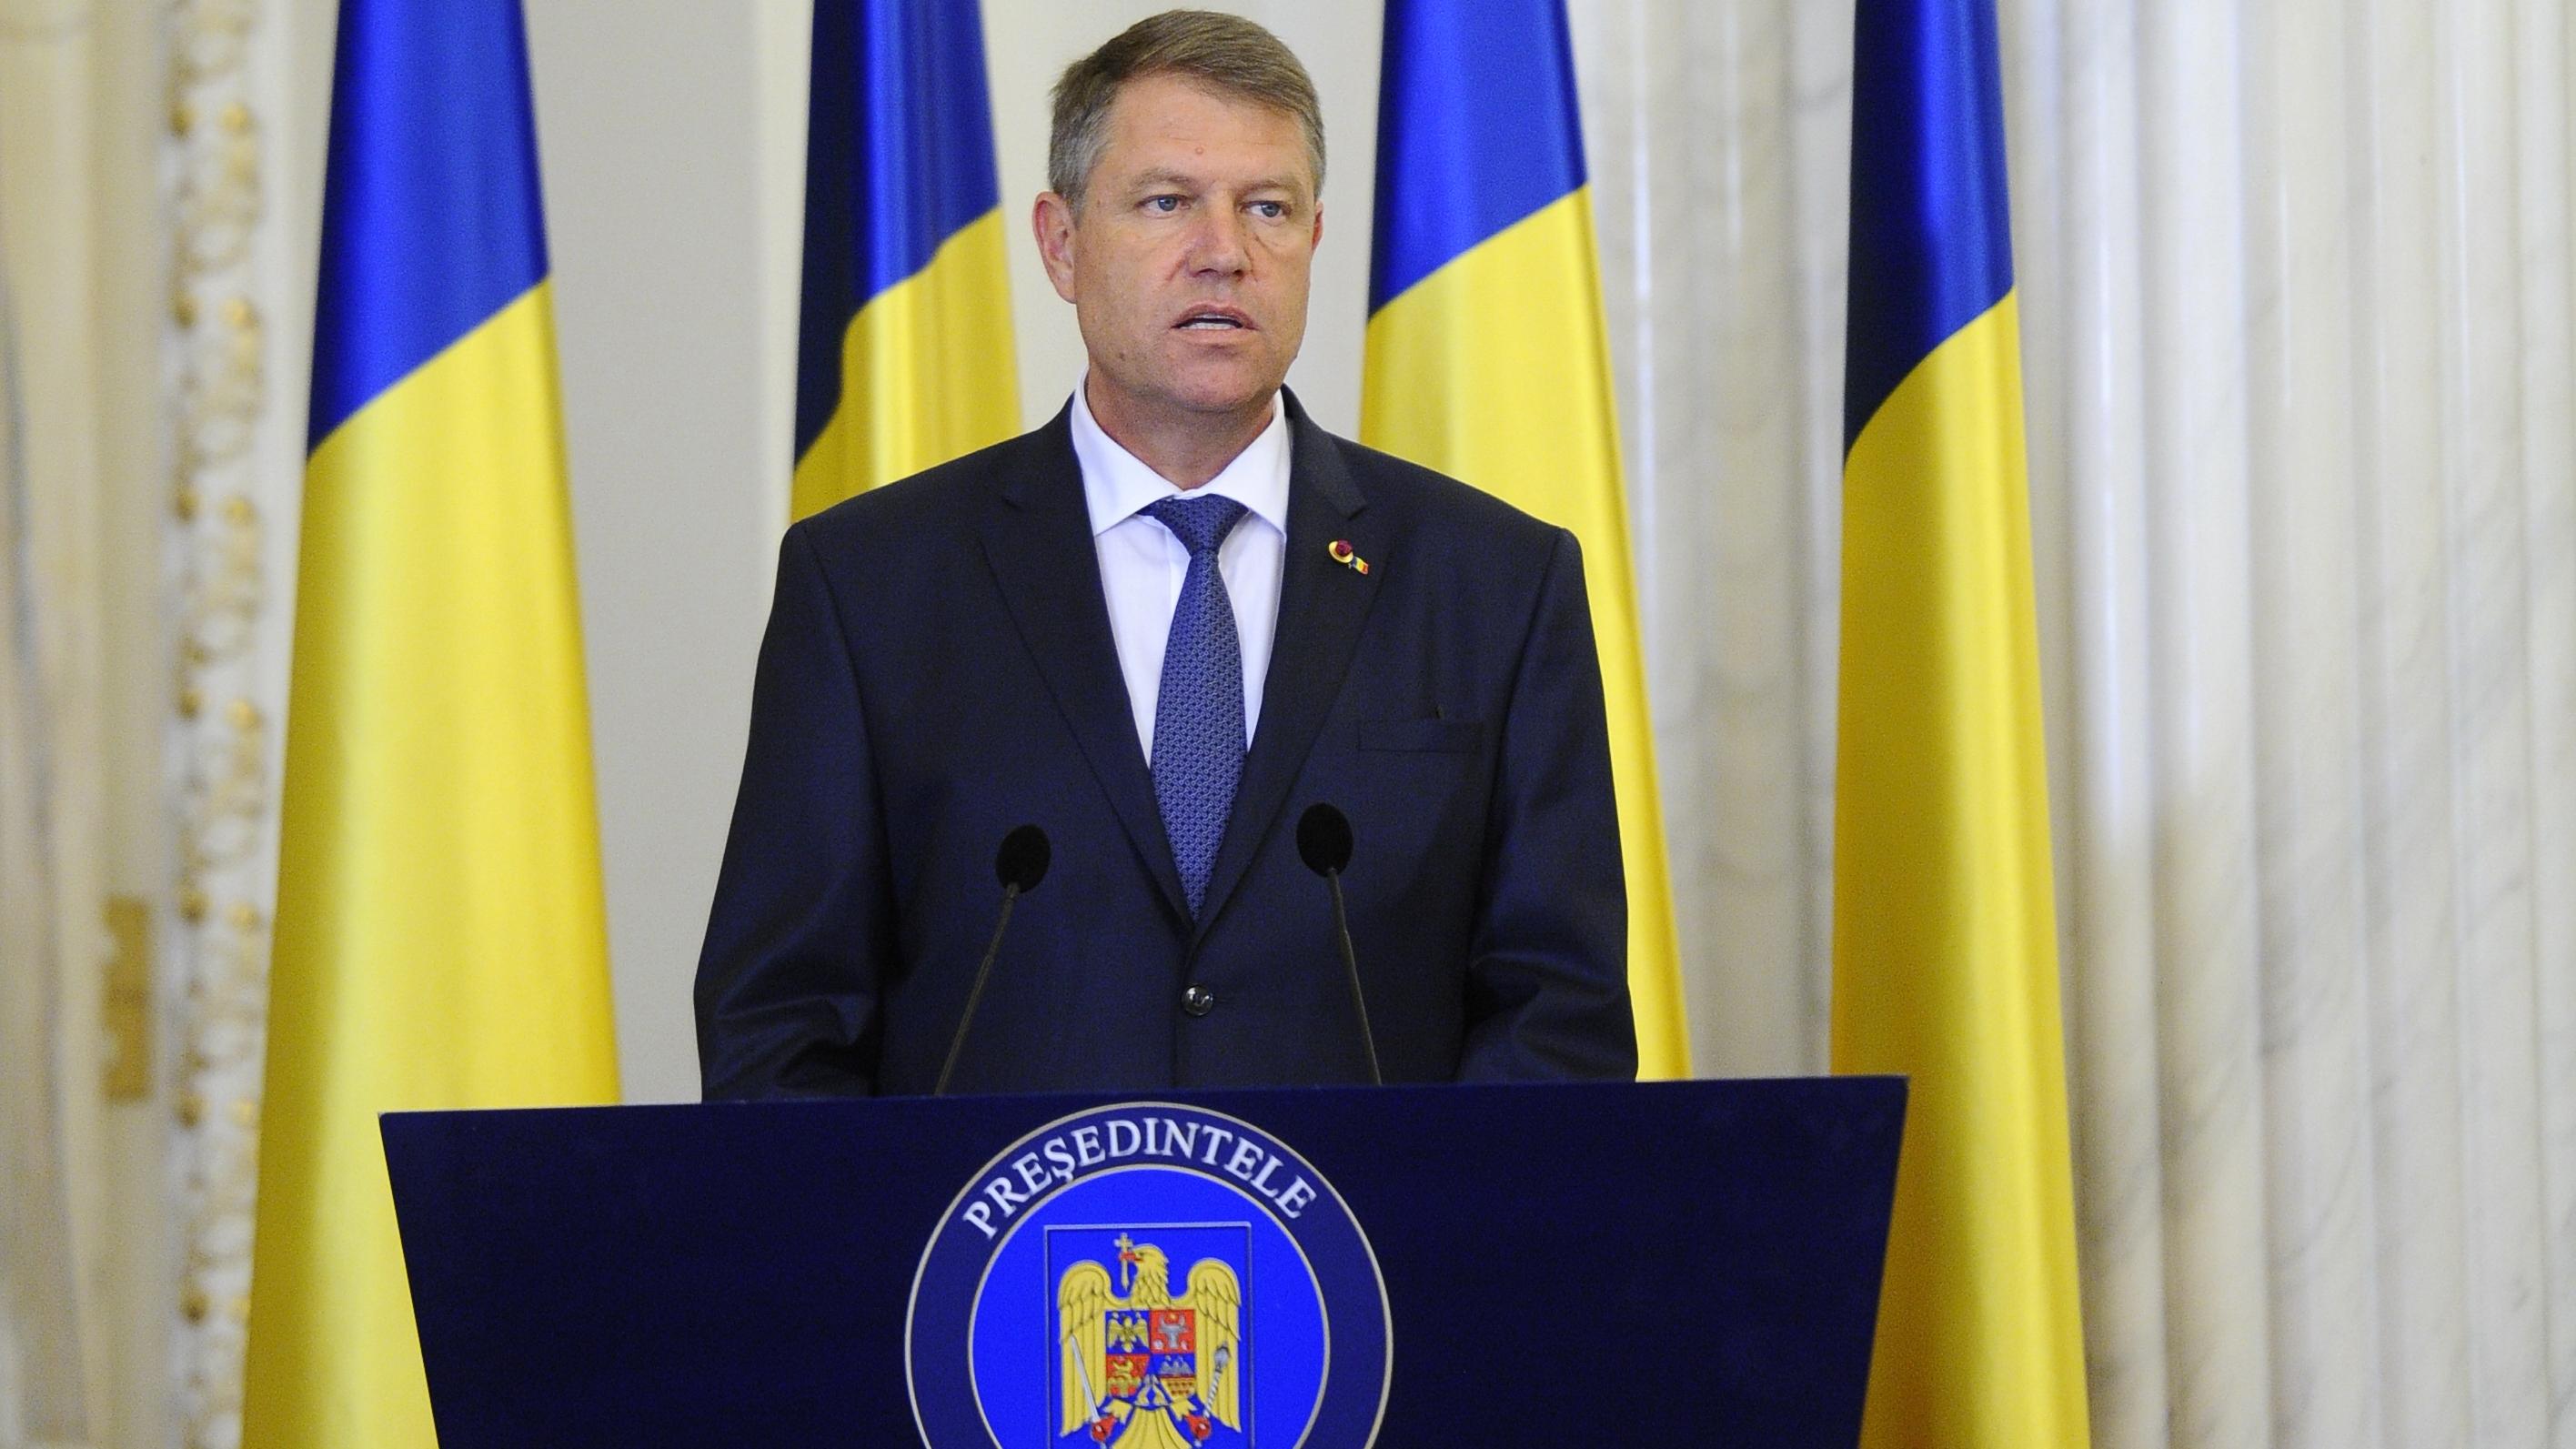 Președintele Iohannis cere reexaminarea legii de modificare a Statutului funcţionarilor publici